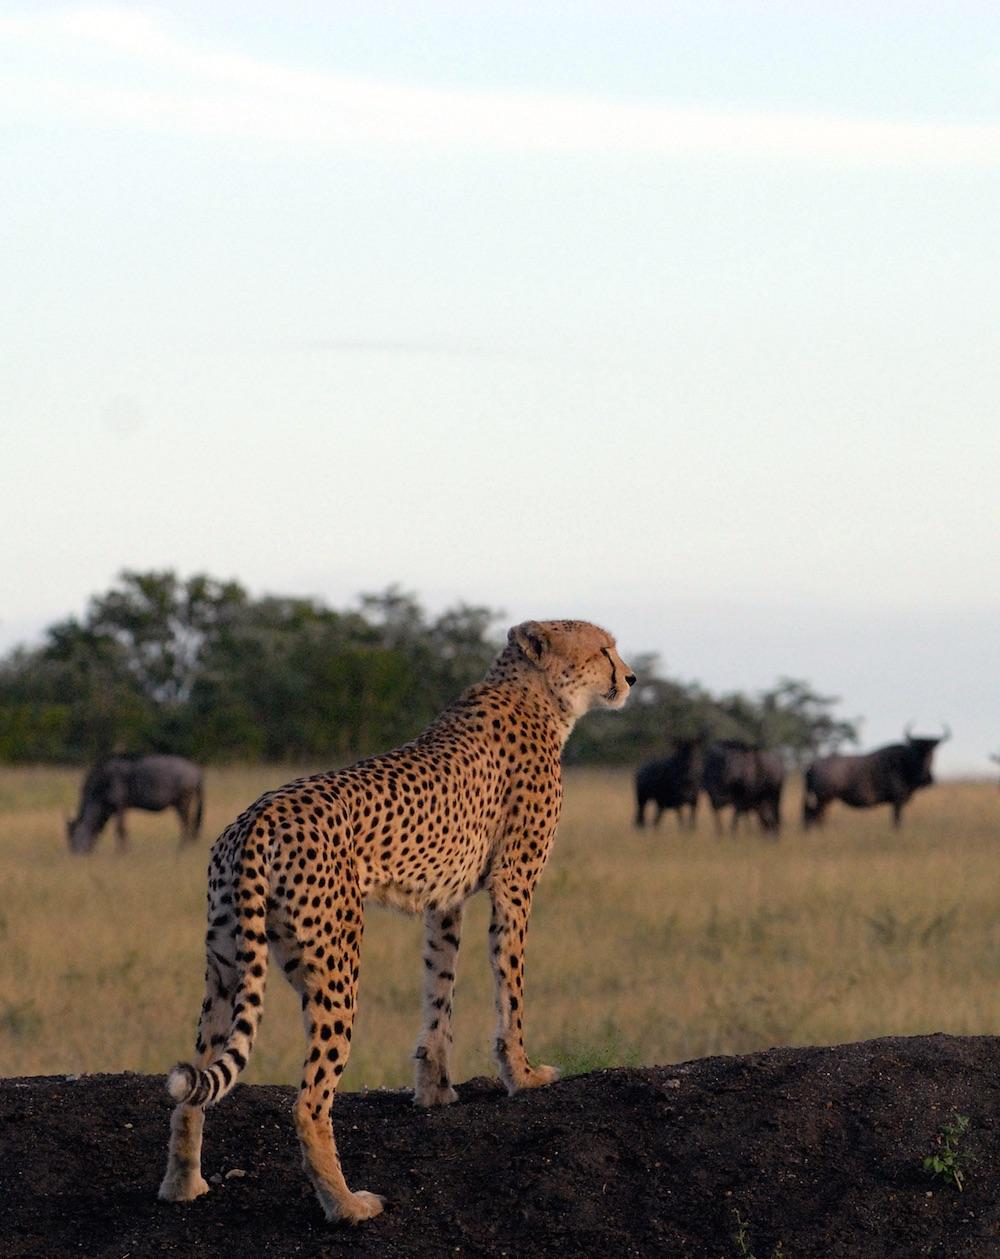 Cheetah Wildebeest Greater Kruger Wilderness